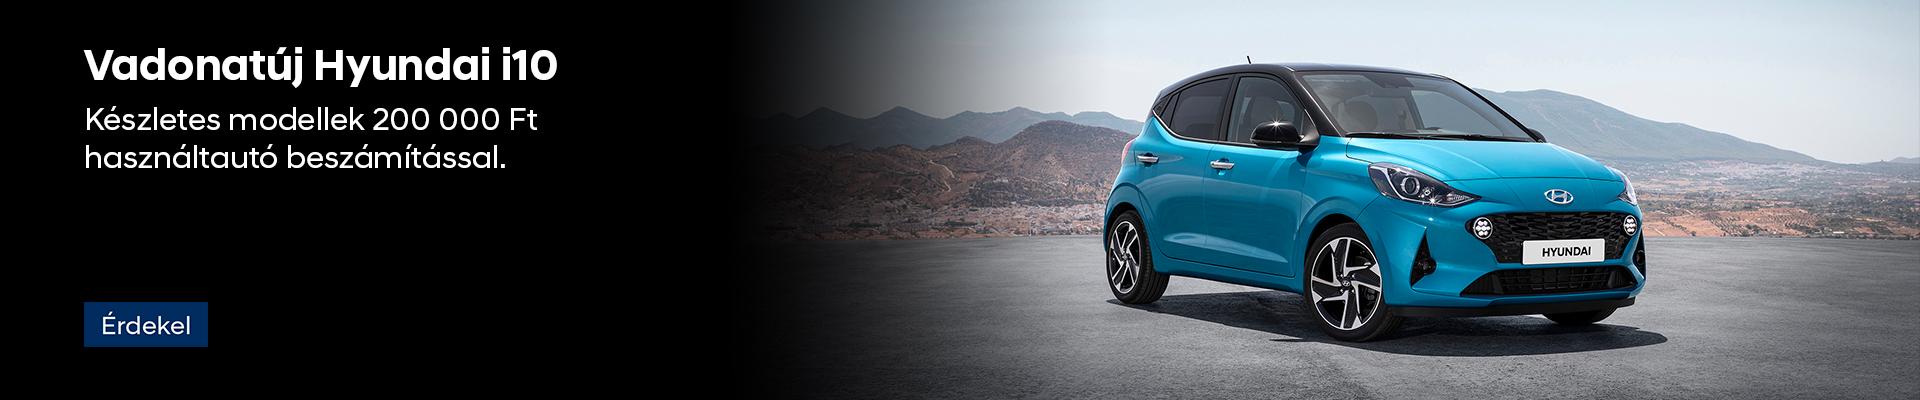 Hyundai i10 - Készletes modellek 200 000 Ft használtautó beszámítással